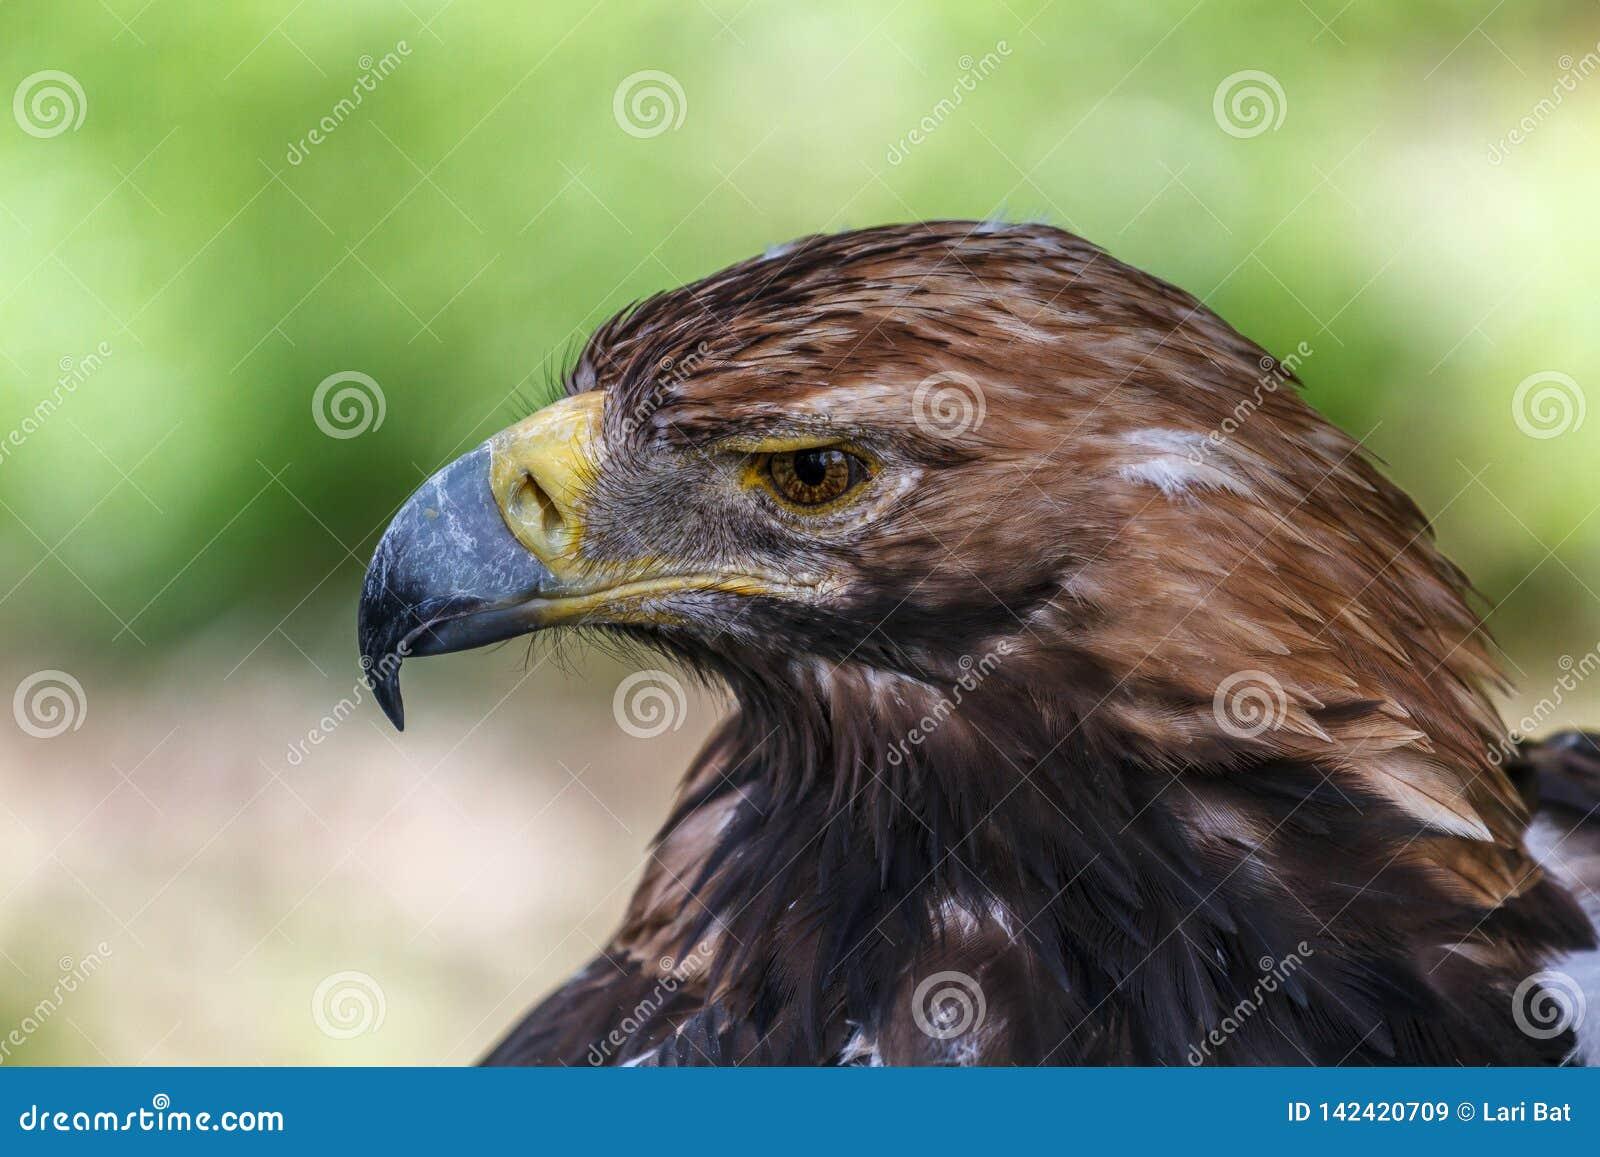 老鹰的沉思神色